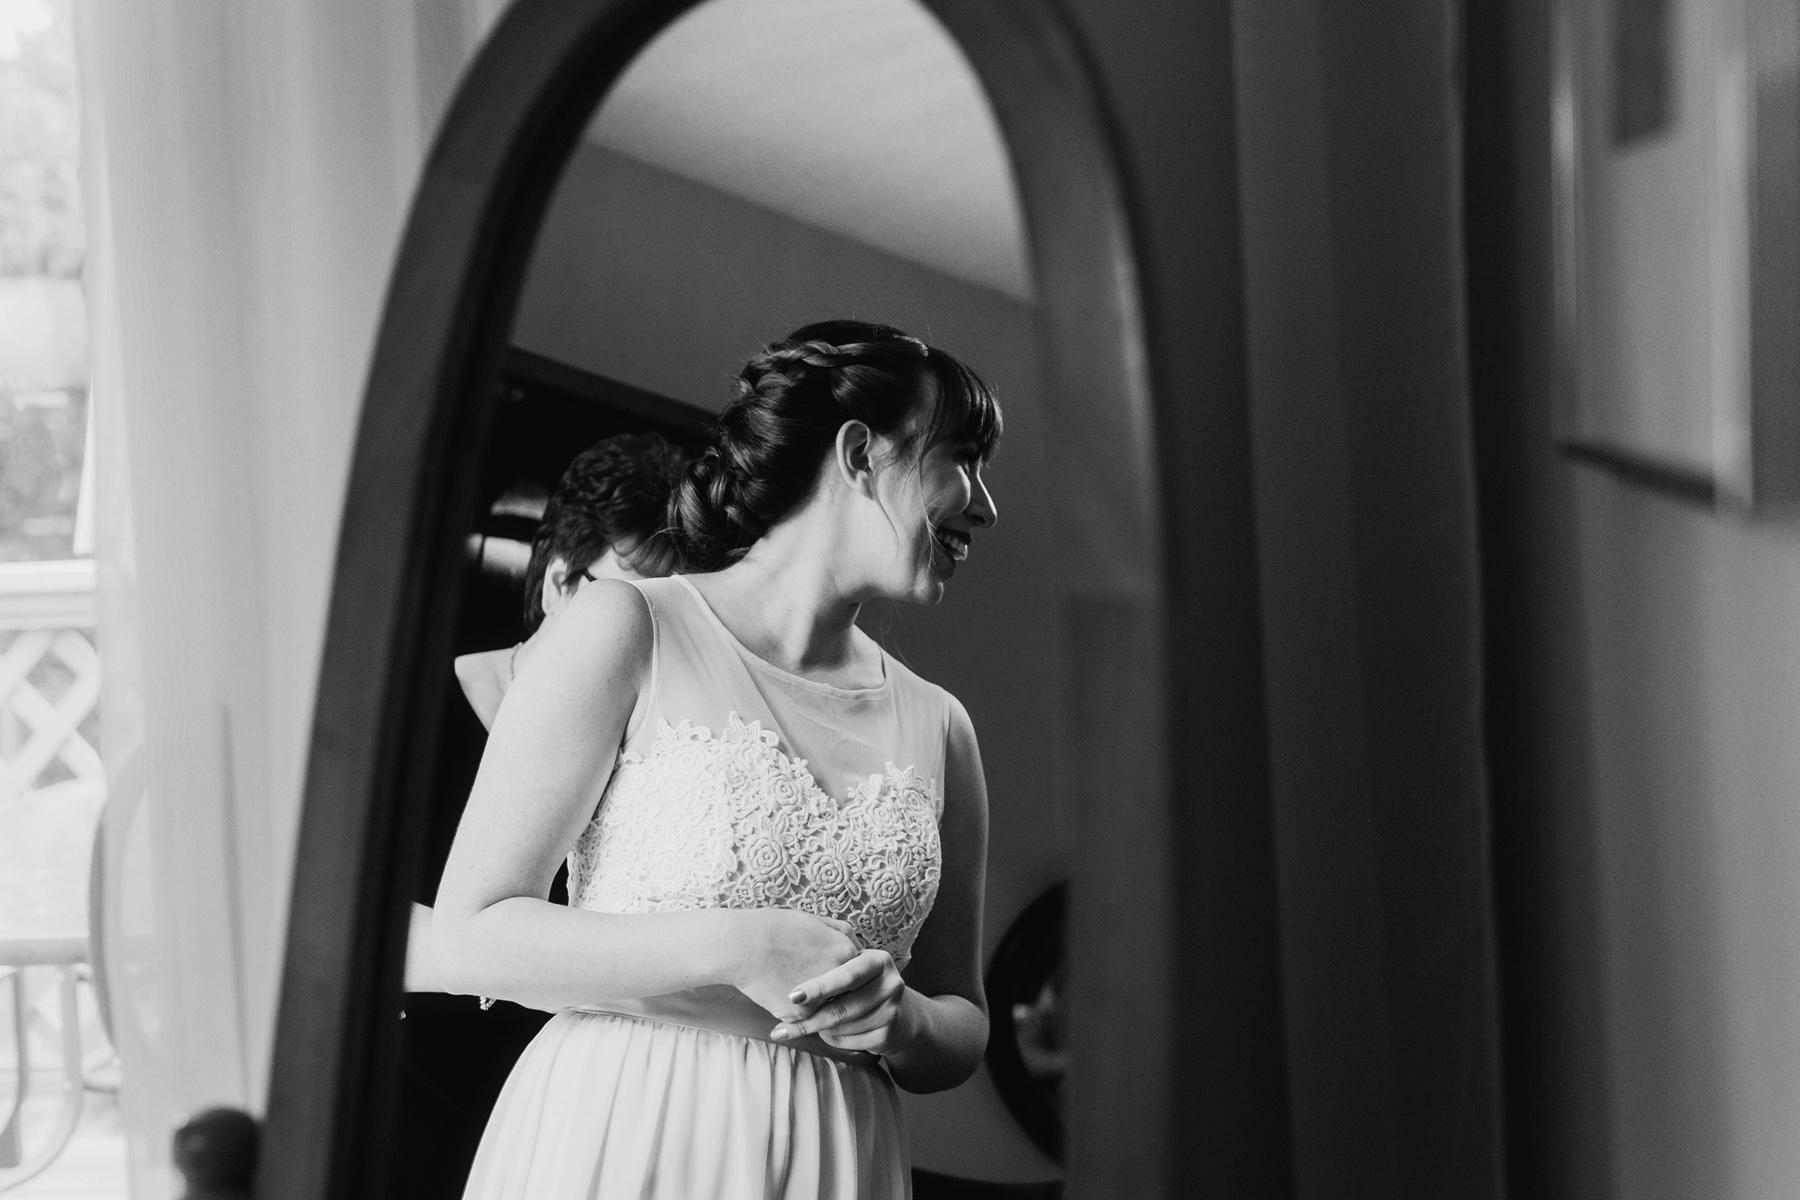 Glenrosa-Farms-Wedding-Photos-0171-1.jpg